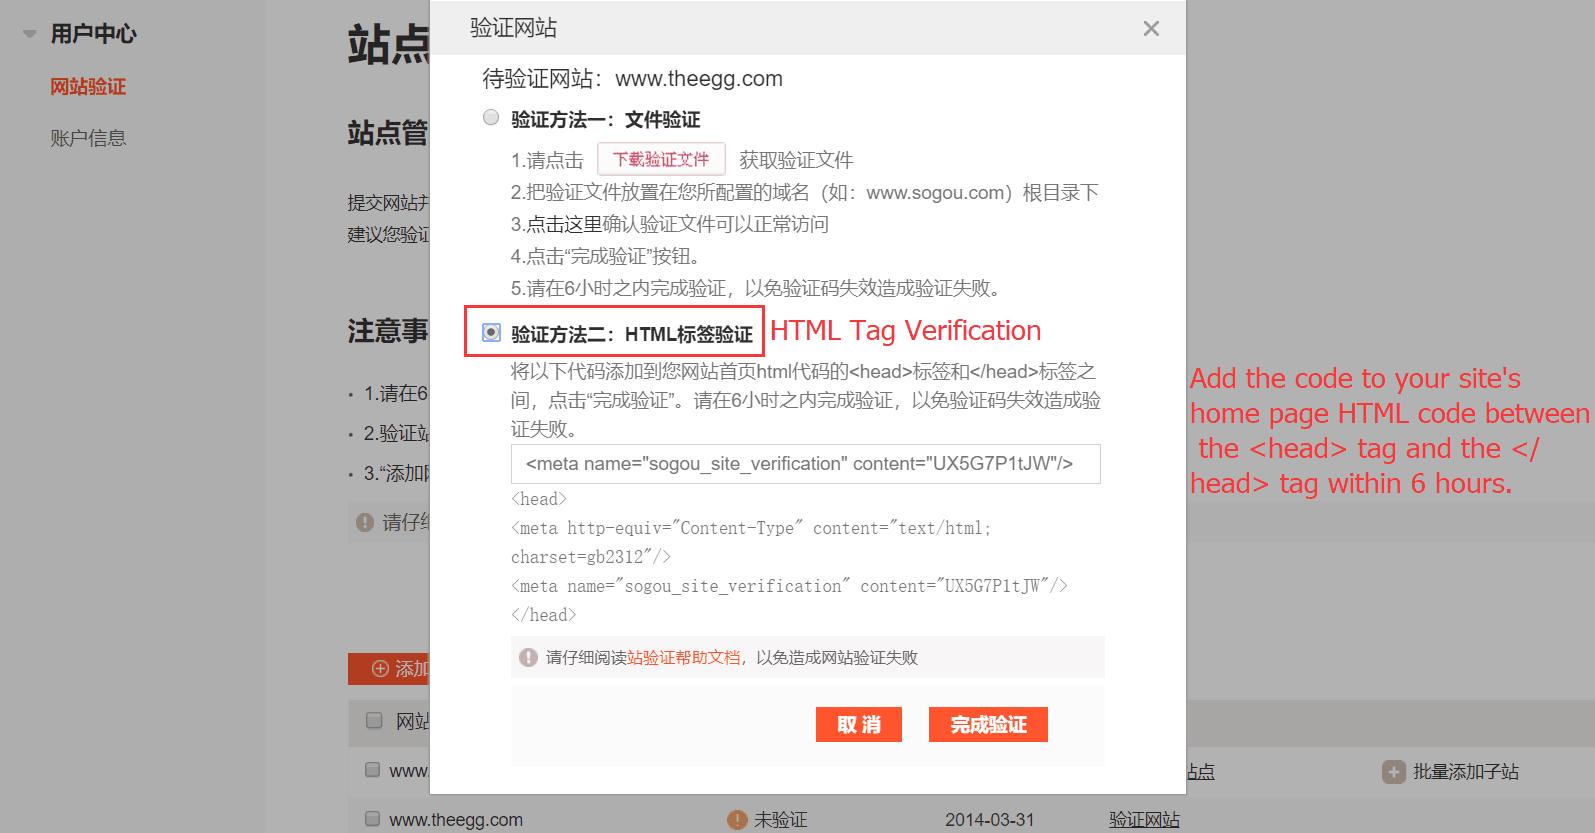 搜狗网站管理员工具详细教程